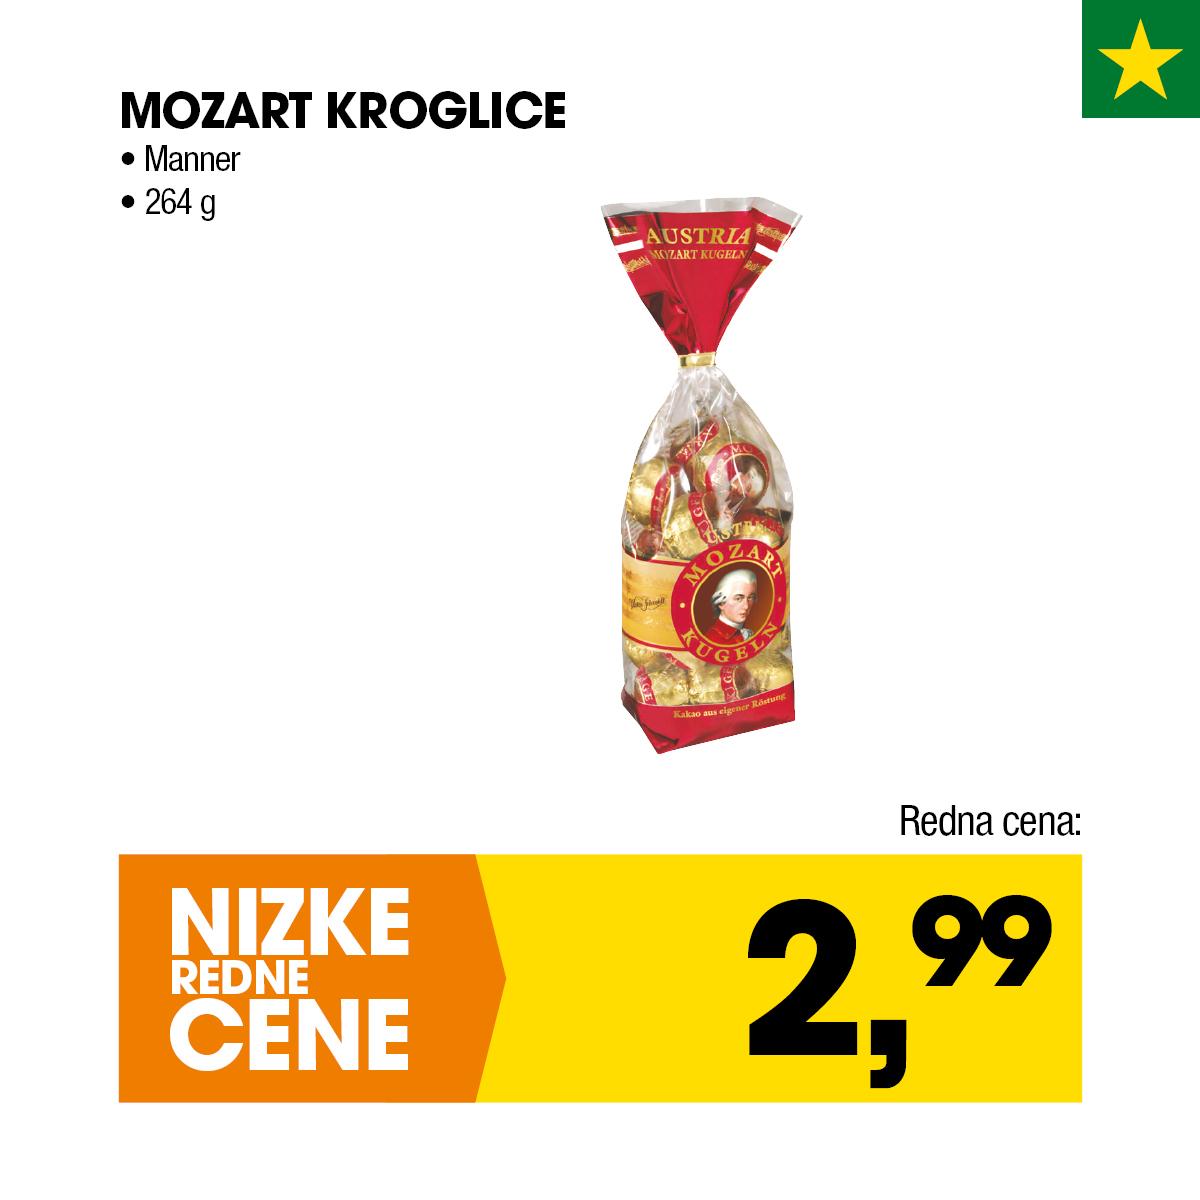 Mozart kroglice Manner